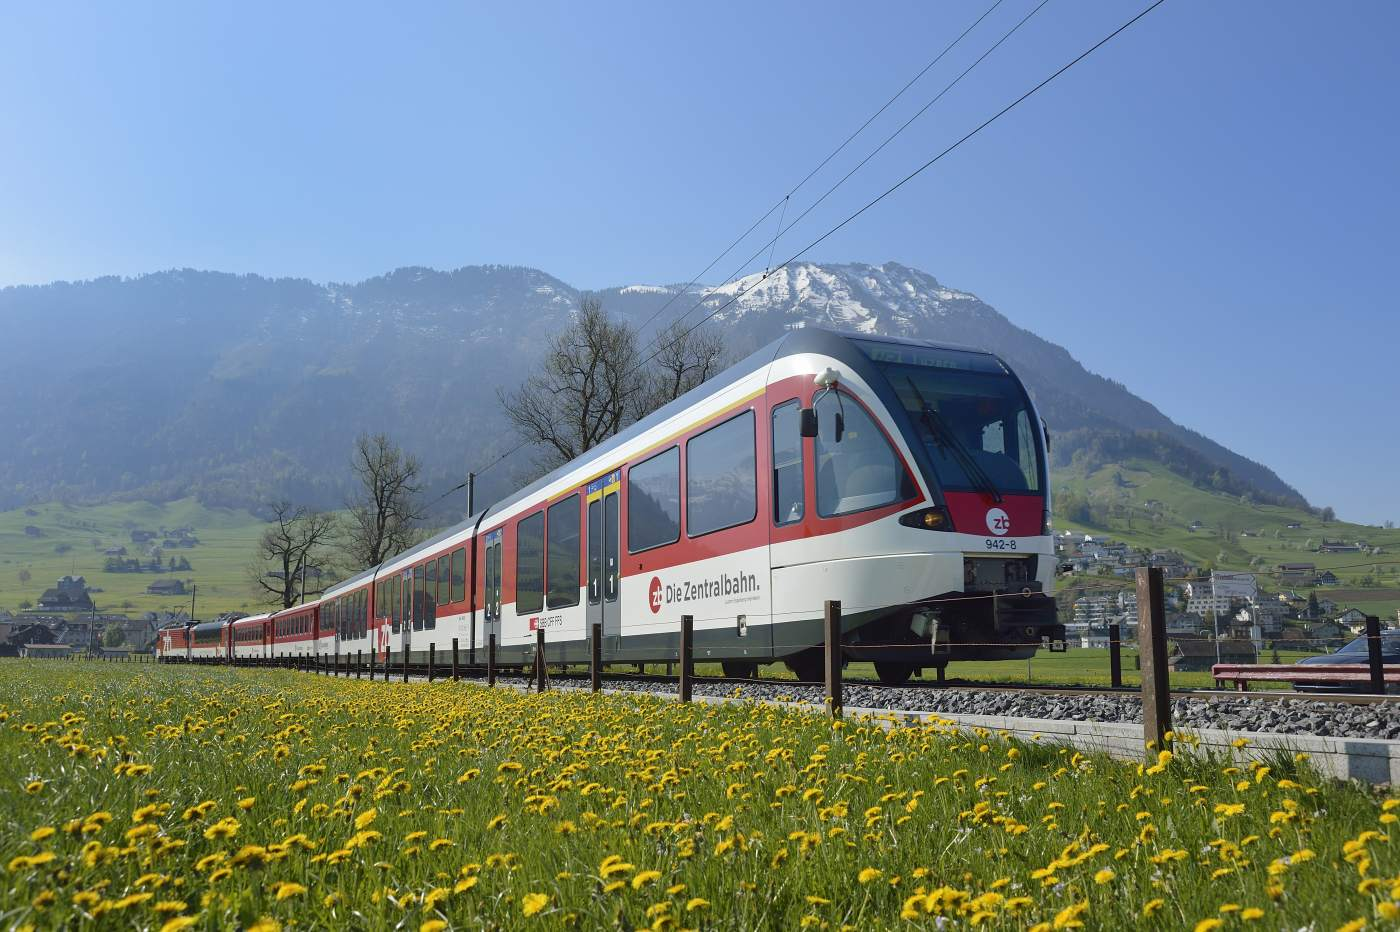 Luzern-Engelberg Express in Stans